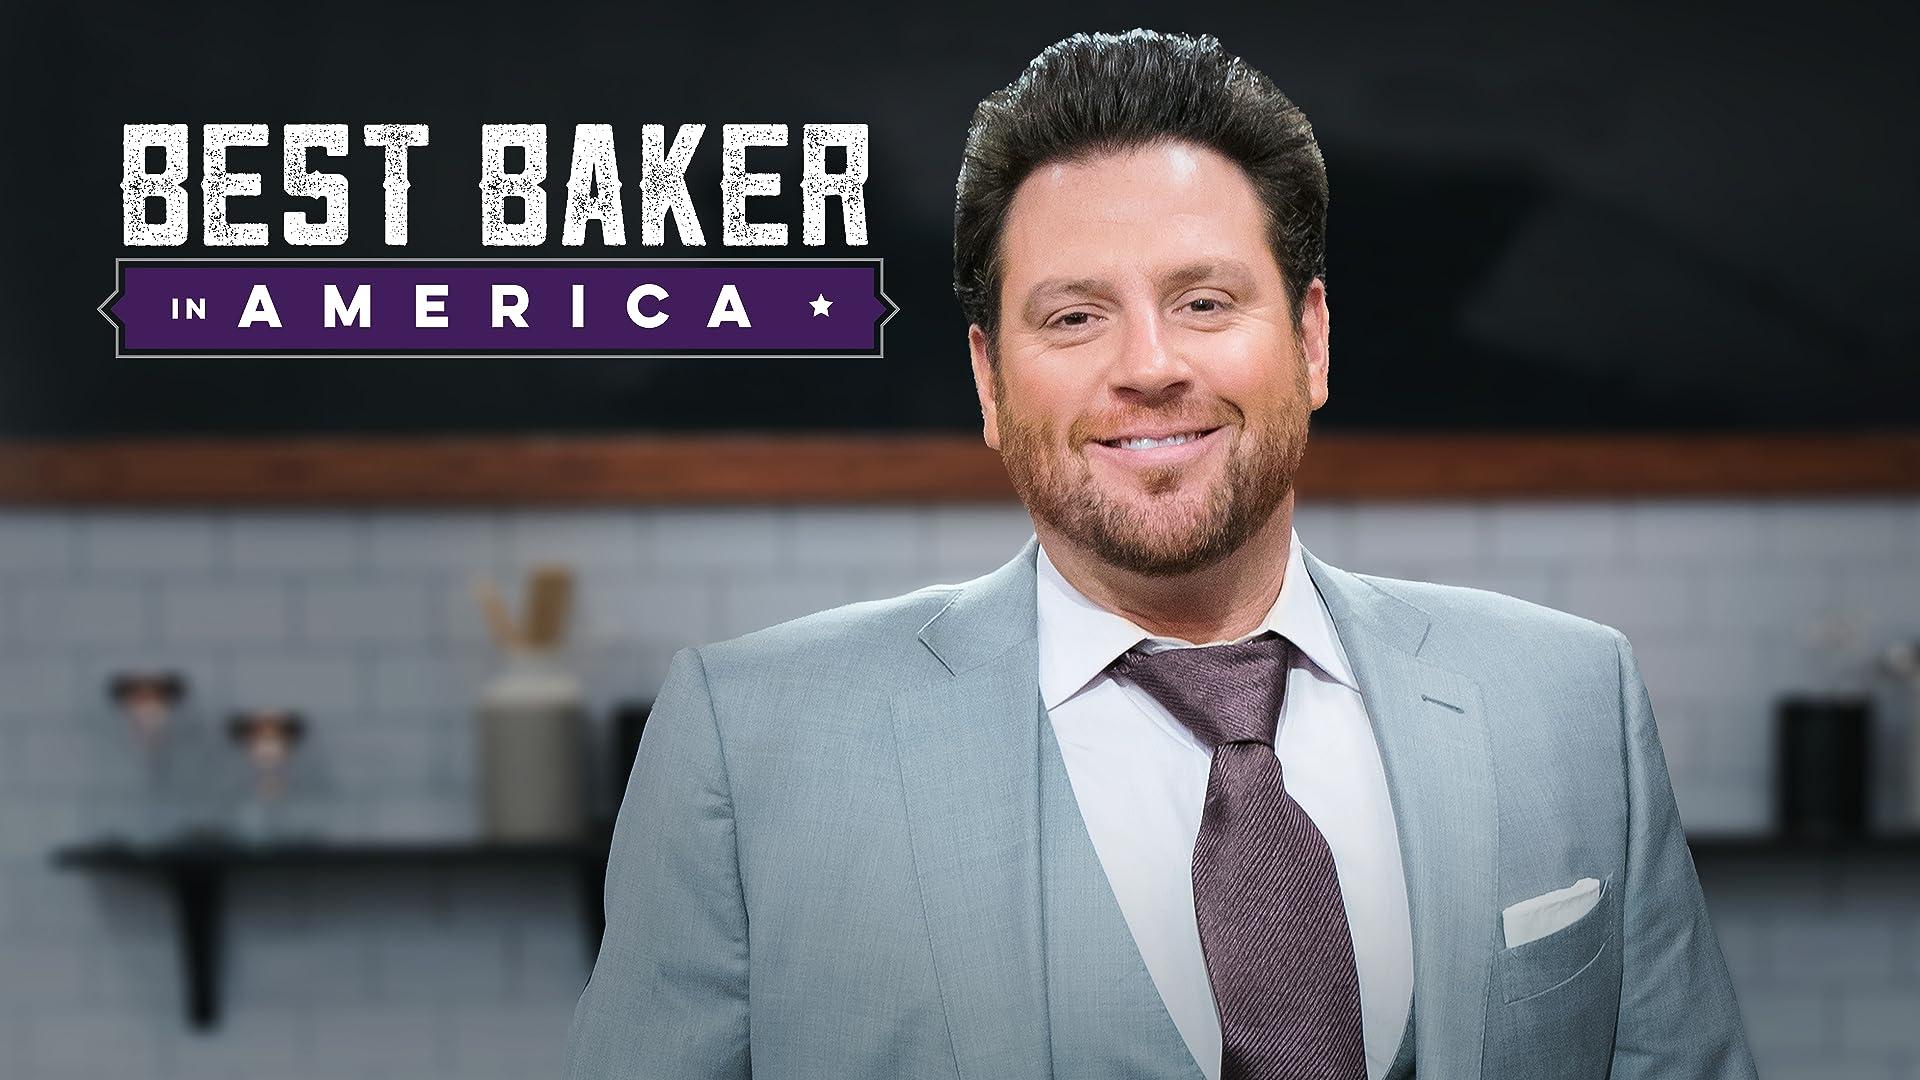 Best Baker in America - Season 2